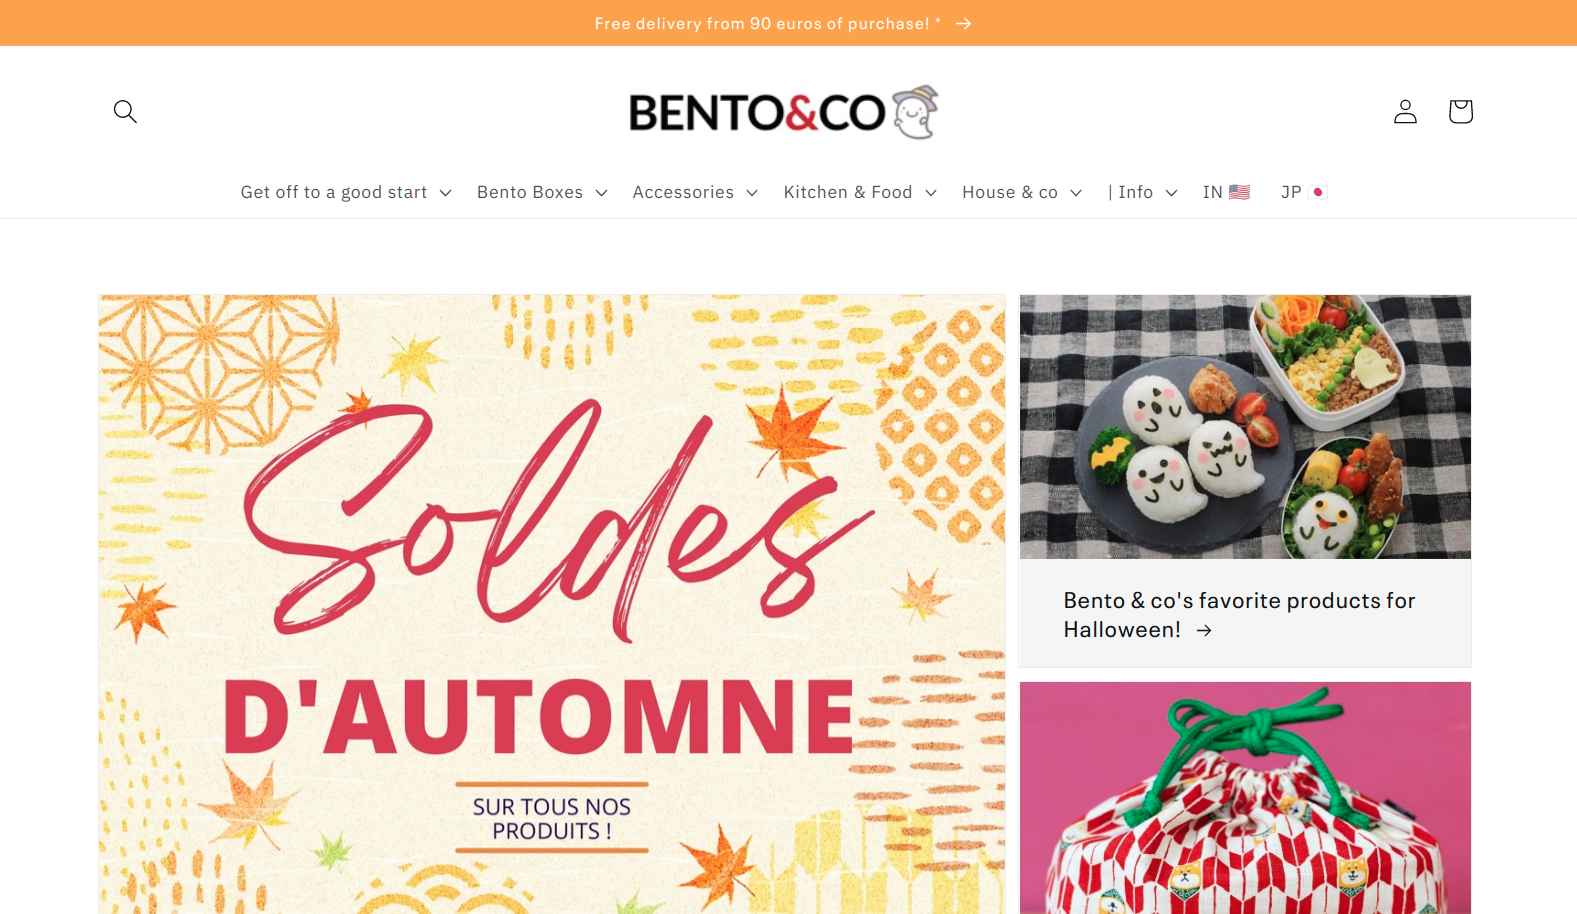 bento-and-co-dawn-theme